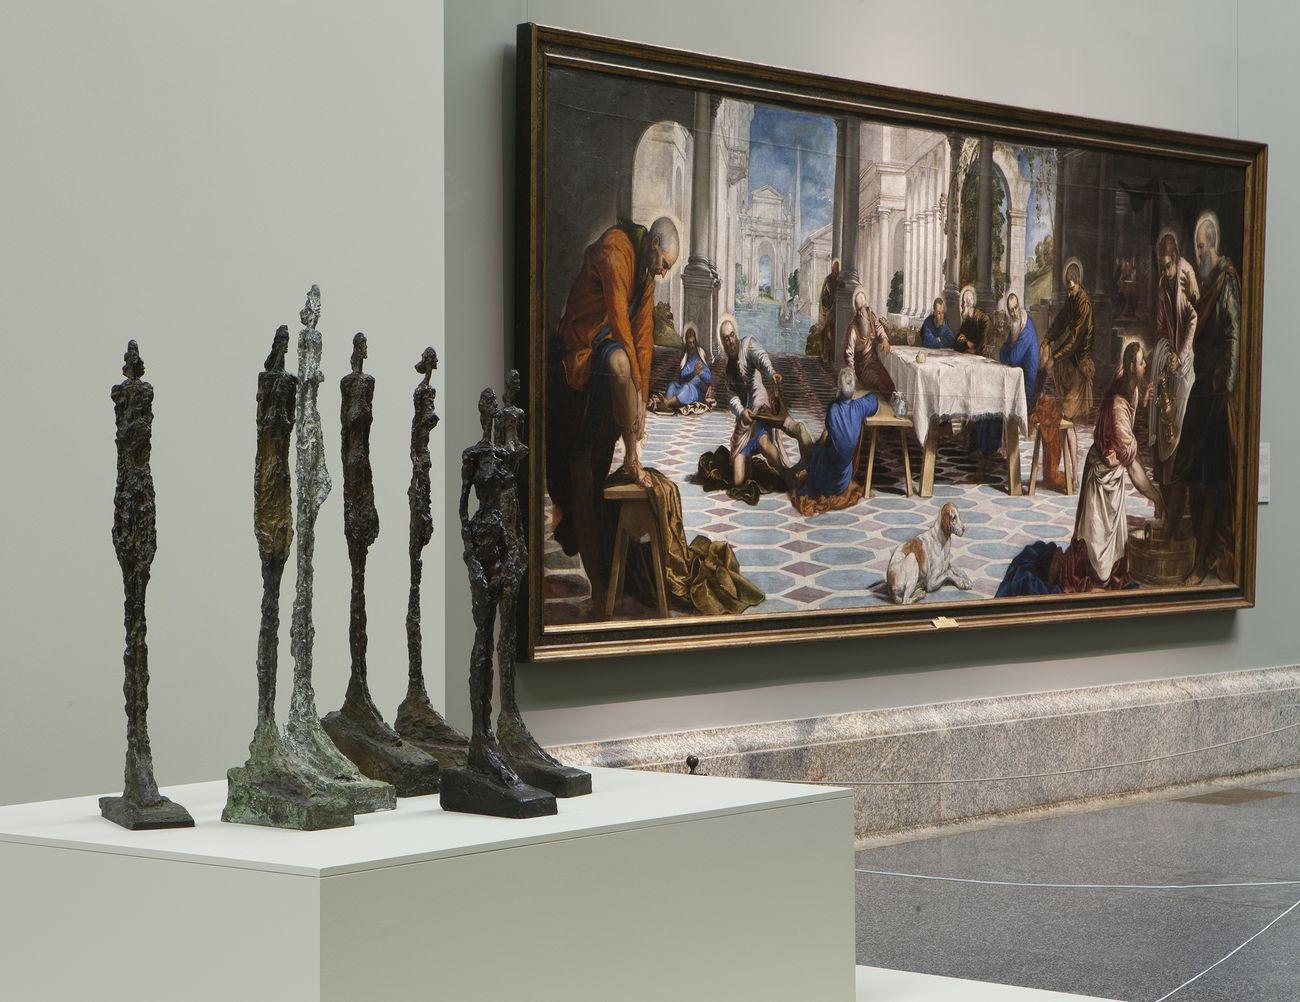 Giacometti e Tintoretto © Alberto Giacometti Estate VEGAP, Madrid, 2019. Photo © Museo Nacional del Prado